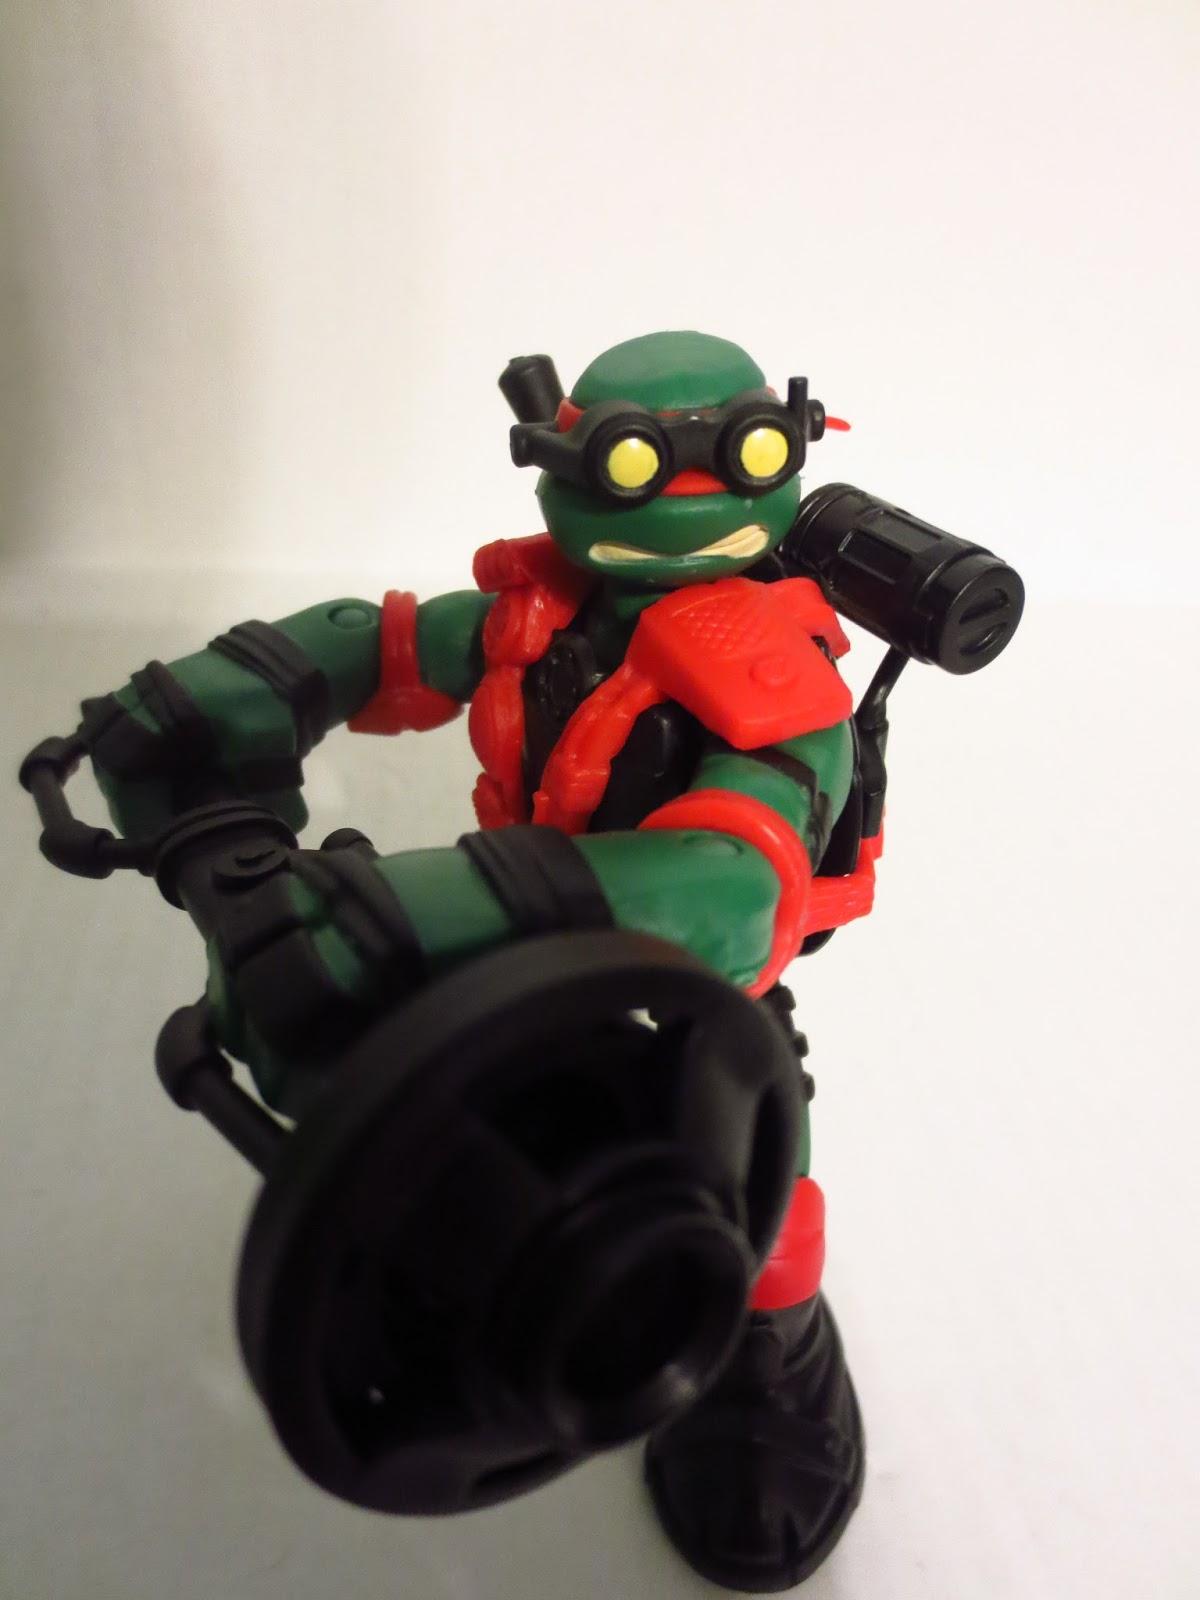 Figurki akcji i z filmów Space Cadet Raph Teenage Mutant Ninja Turtles Figure Only 1990 TMNT Film, telewizja i gry wideo